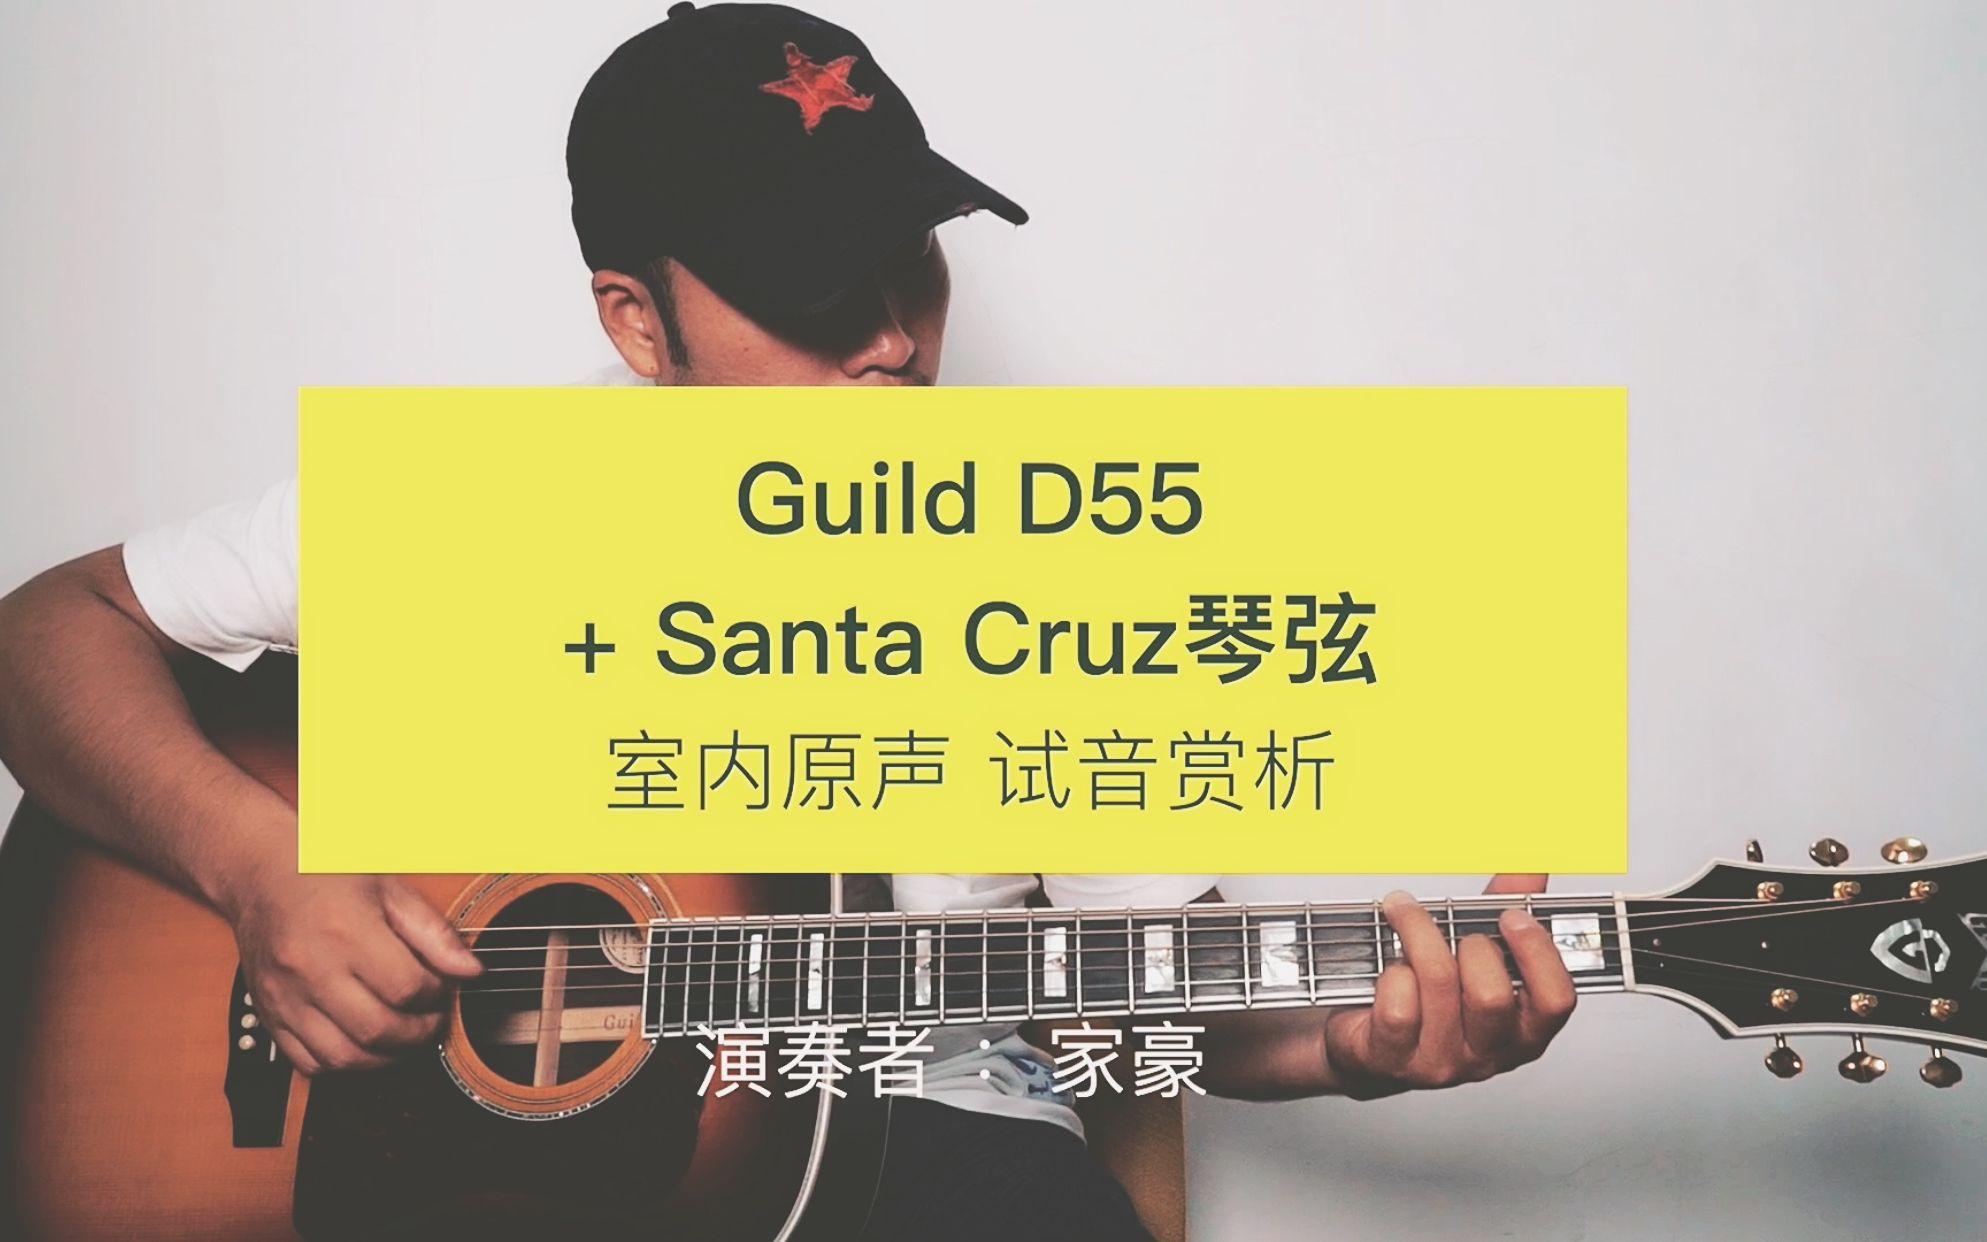 室内试音赏析| 大牌的二次方Guild D55 + Santa Cruz崭新琴弦_哔